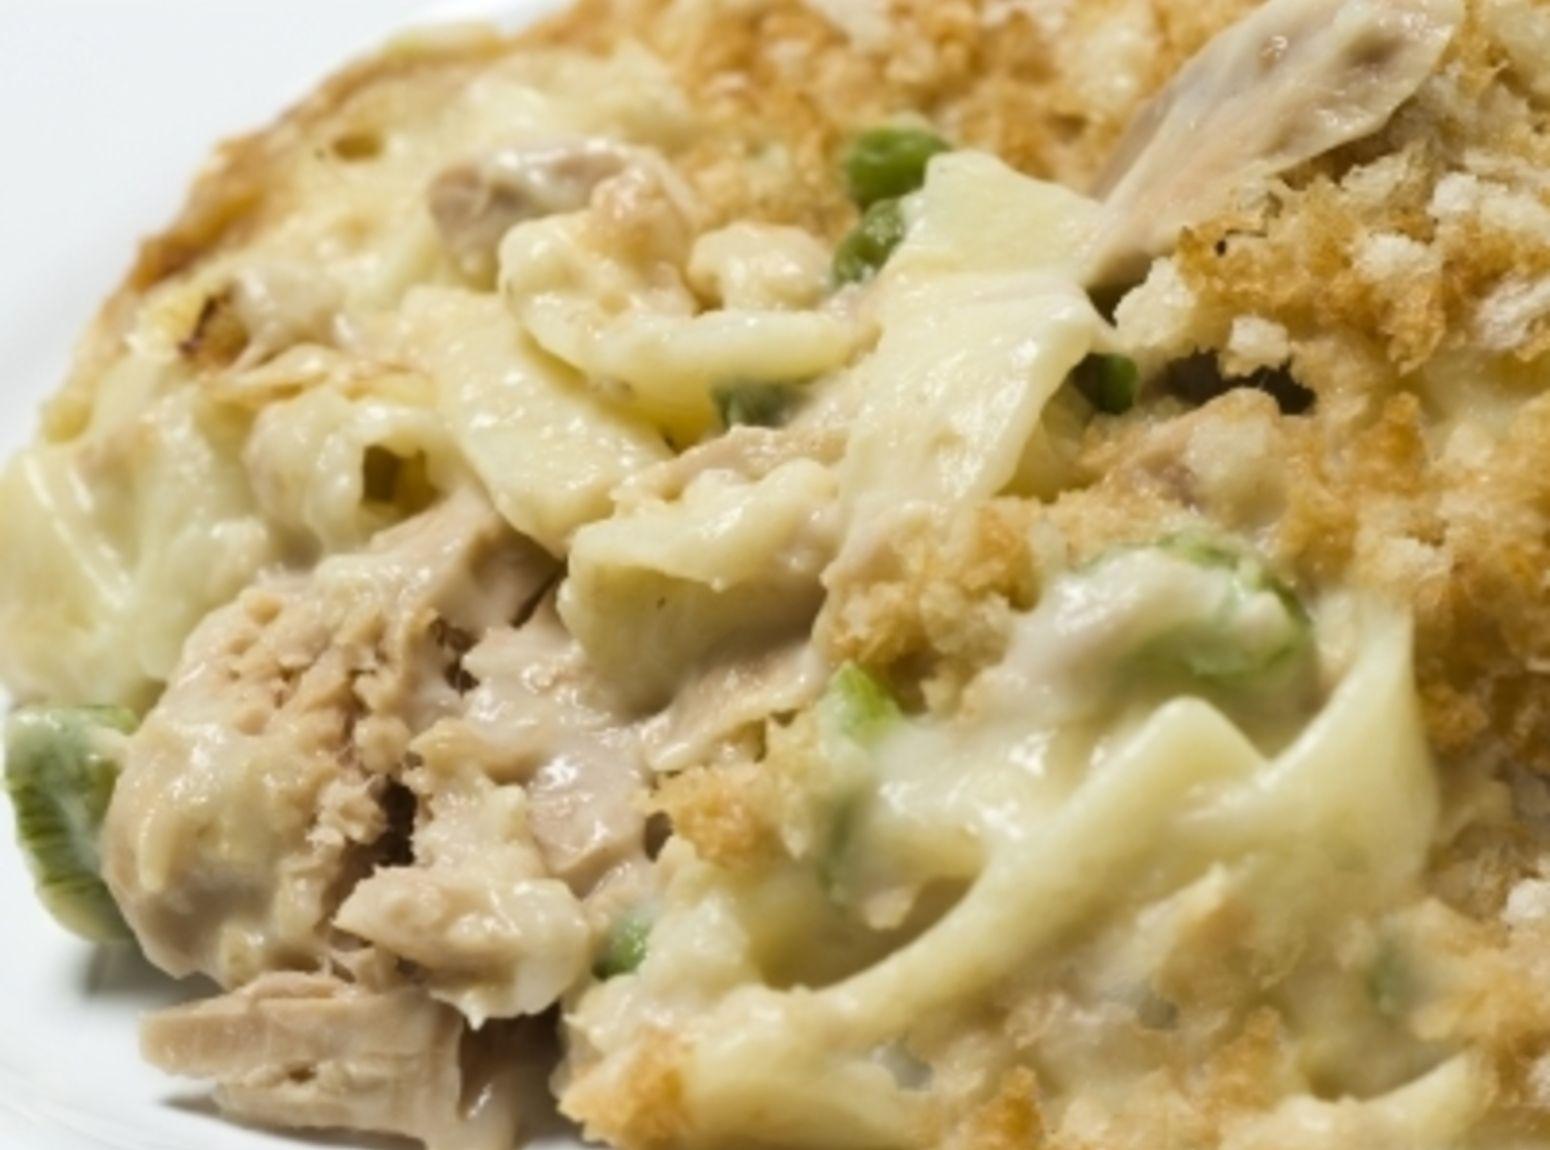 Tuna Noodle Casserole With Cream Cheese No Canned Soup Recipe Tuna Noodle Casserole Noodle Casserole Recipes